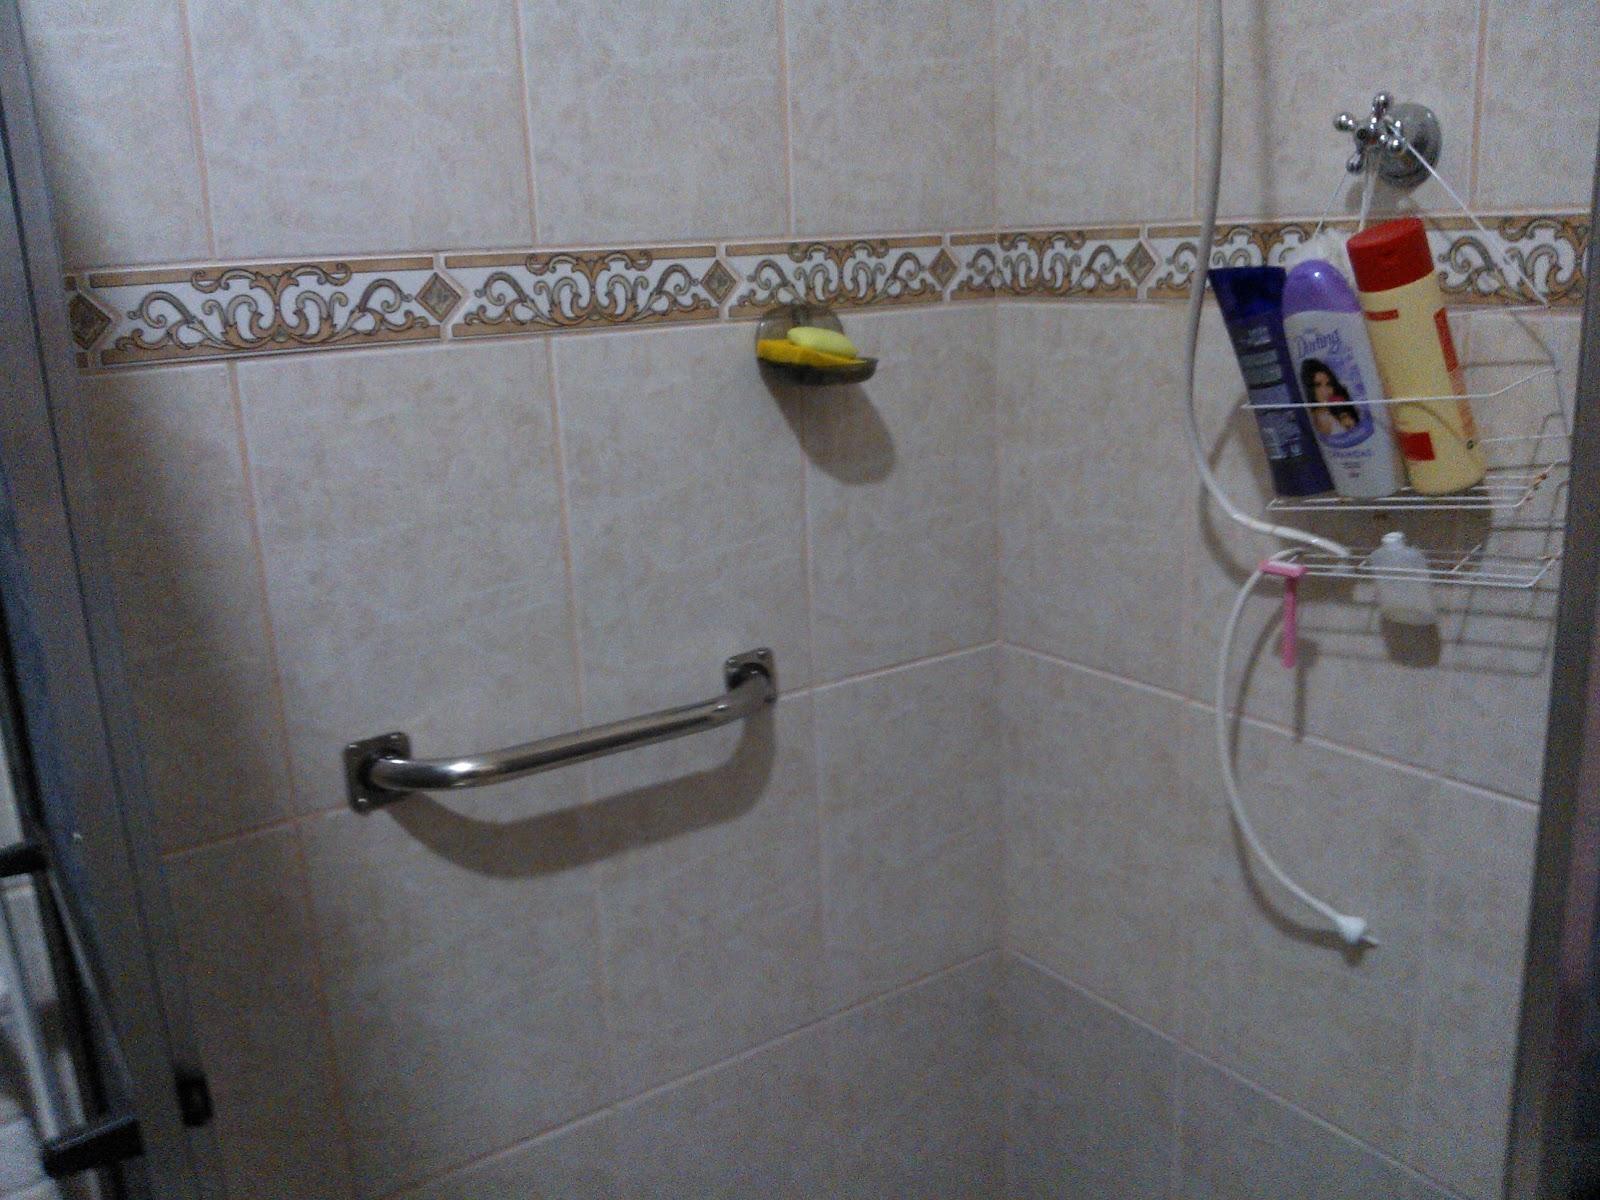 Imagens de #5E463F Barra de apoio instalada em box do chuveiro apara apoio de criança  1600x1200 px 3574 Barras Banheiro Idosos